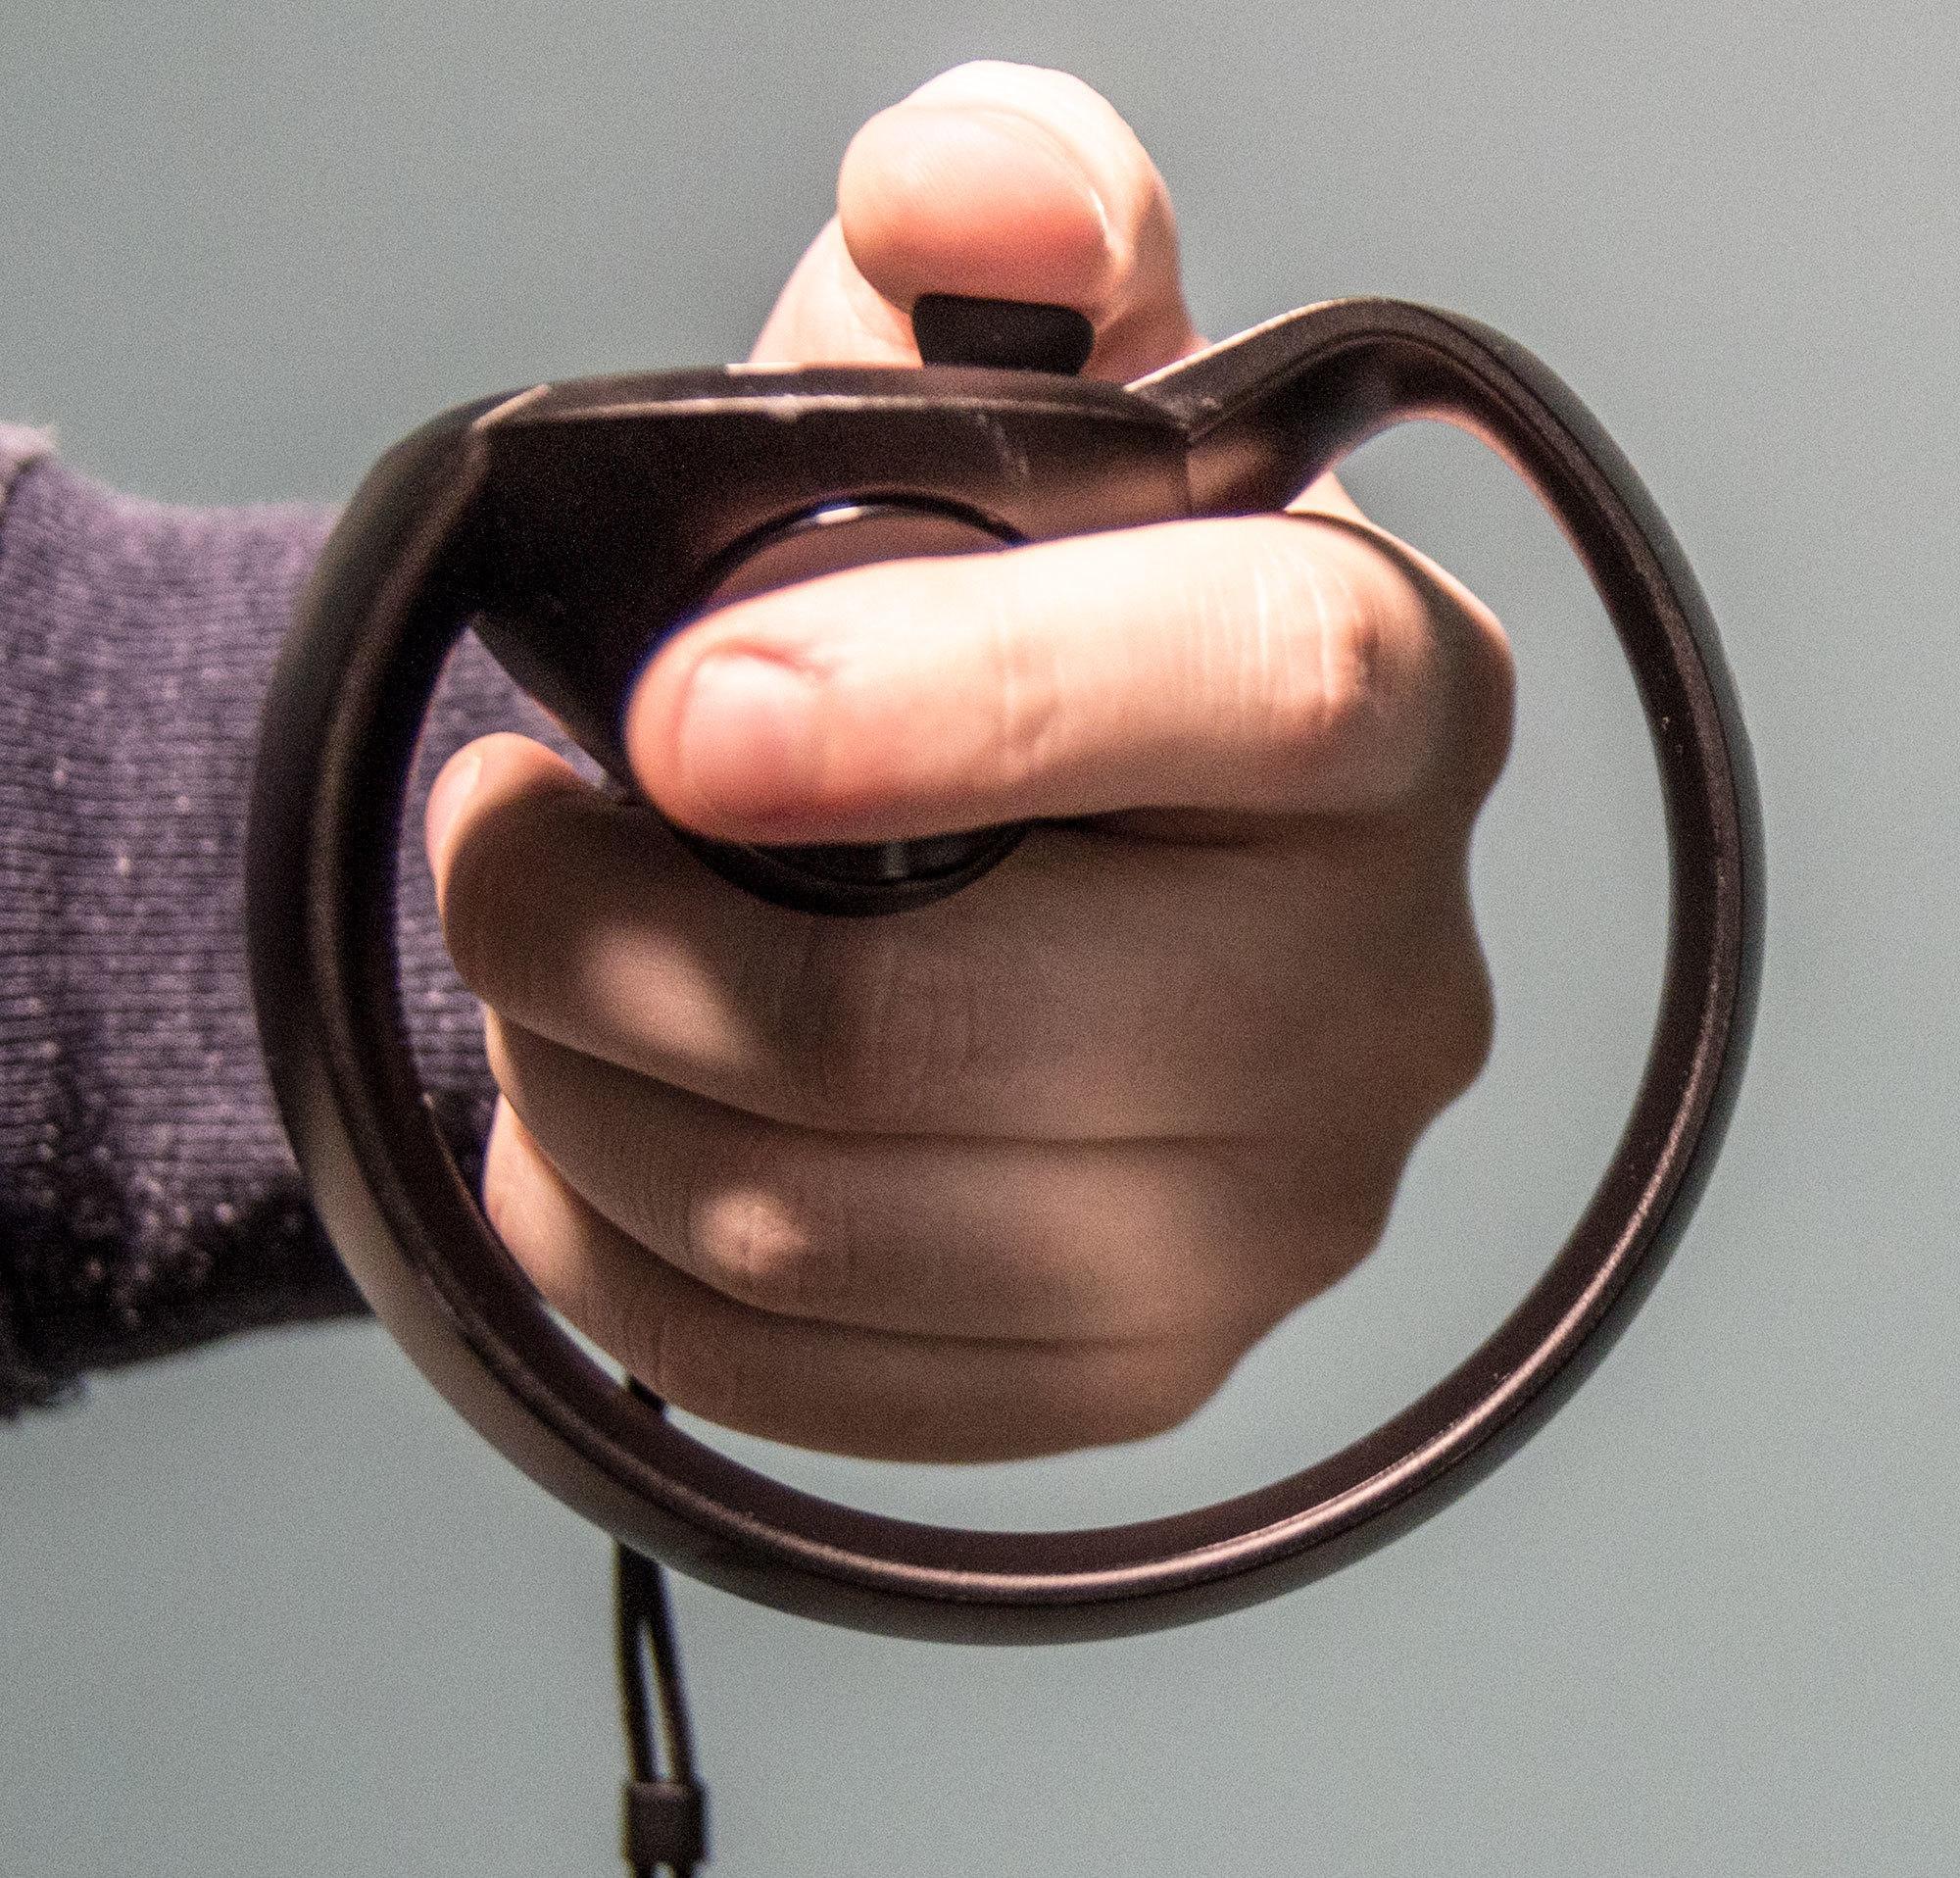 Ringen rundt fungerer godt som beskyttelse for hånda når du veiver rundt.